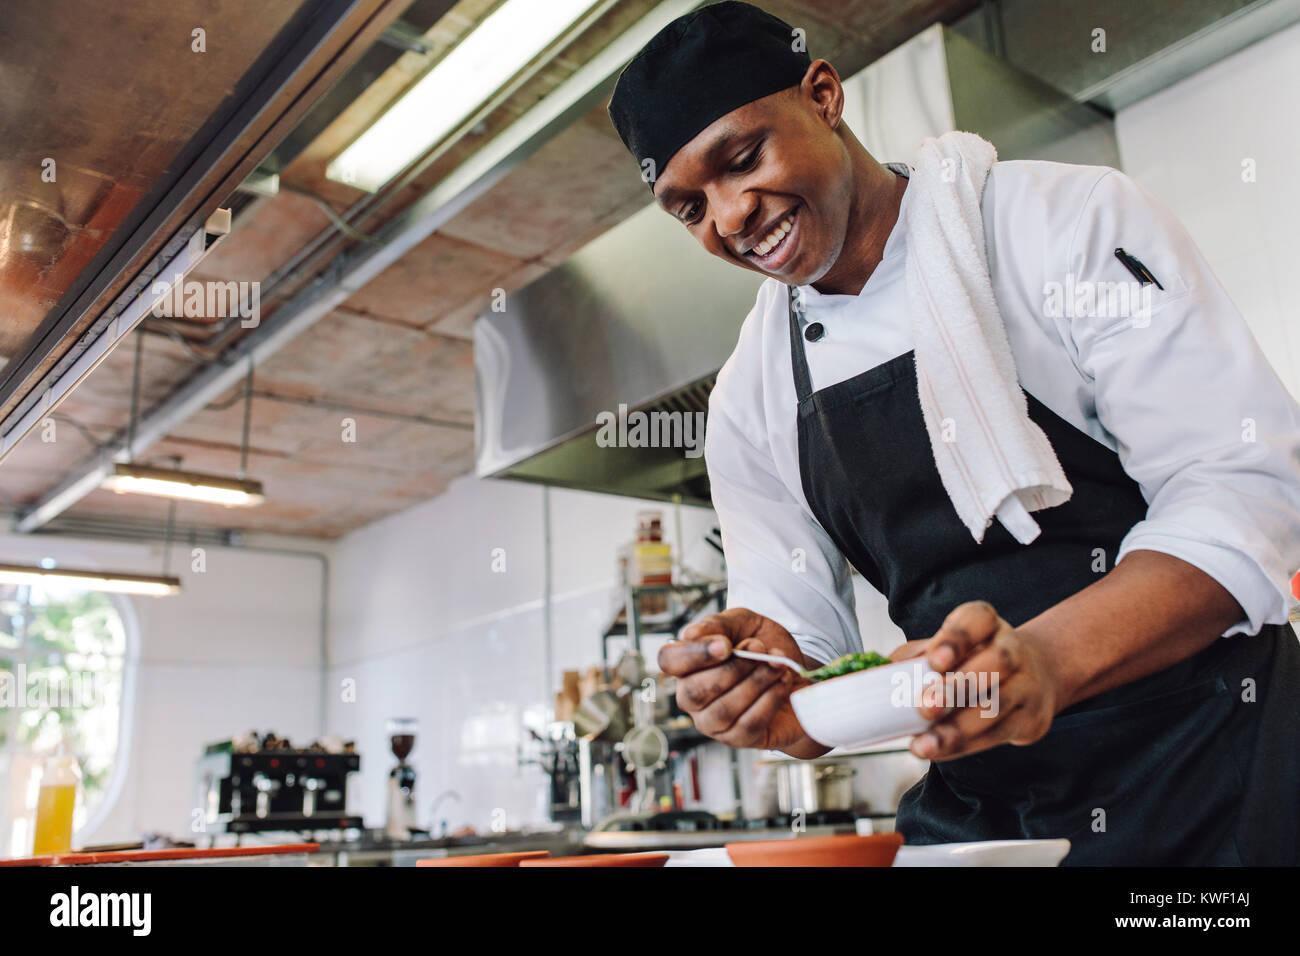 Gourmet Koch in Uniform kochen in einer gewerblichen Küche. Gerne männliche Koch Schürze tragen, Stockbild